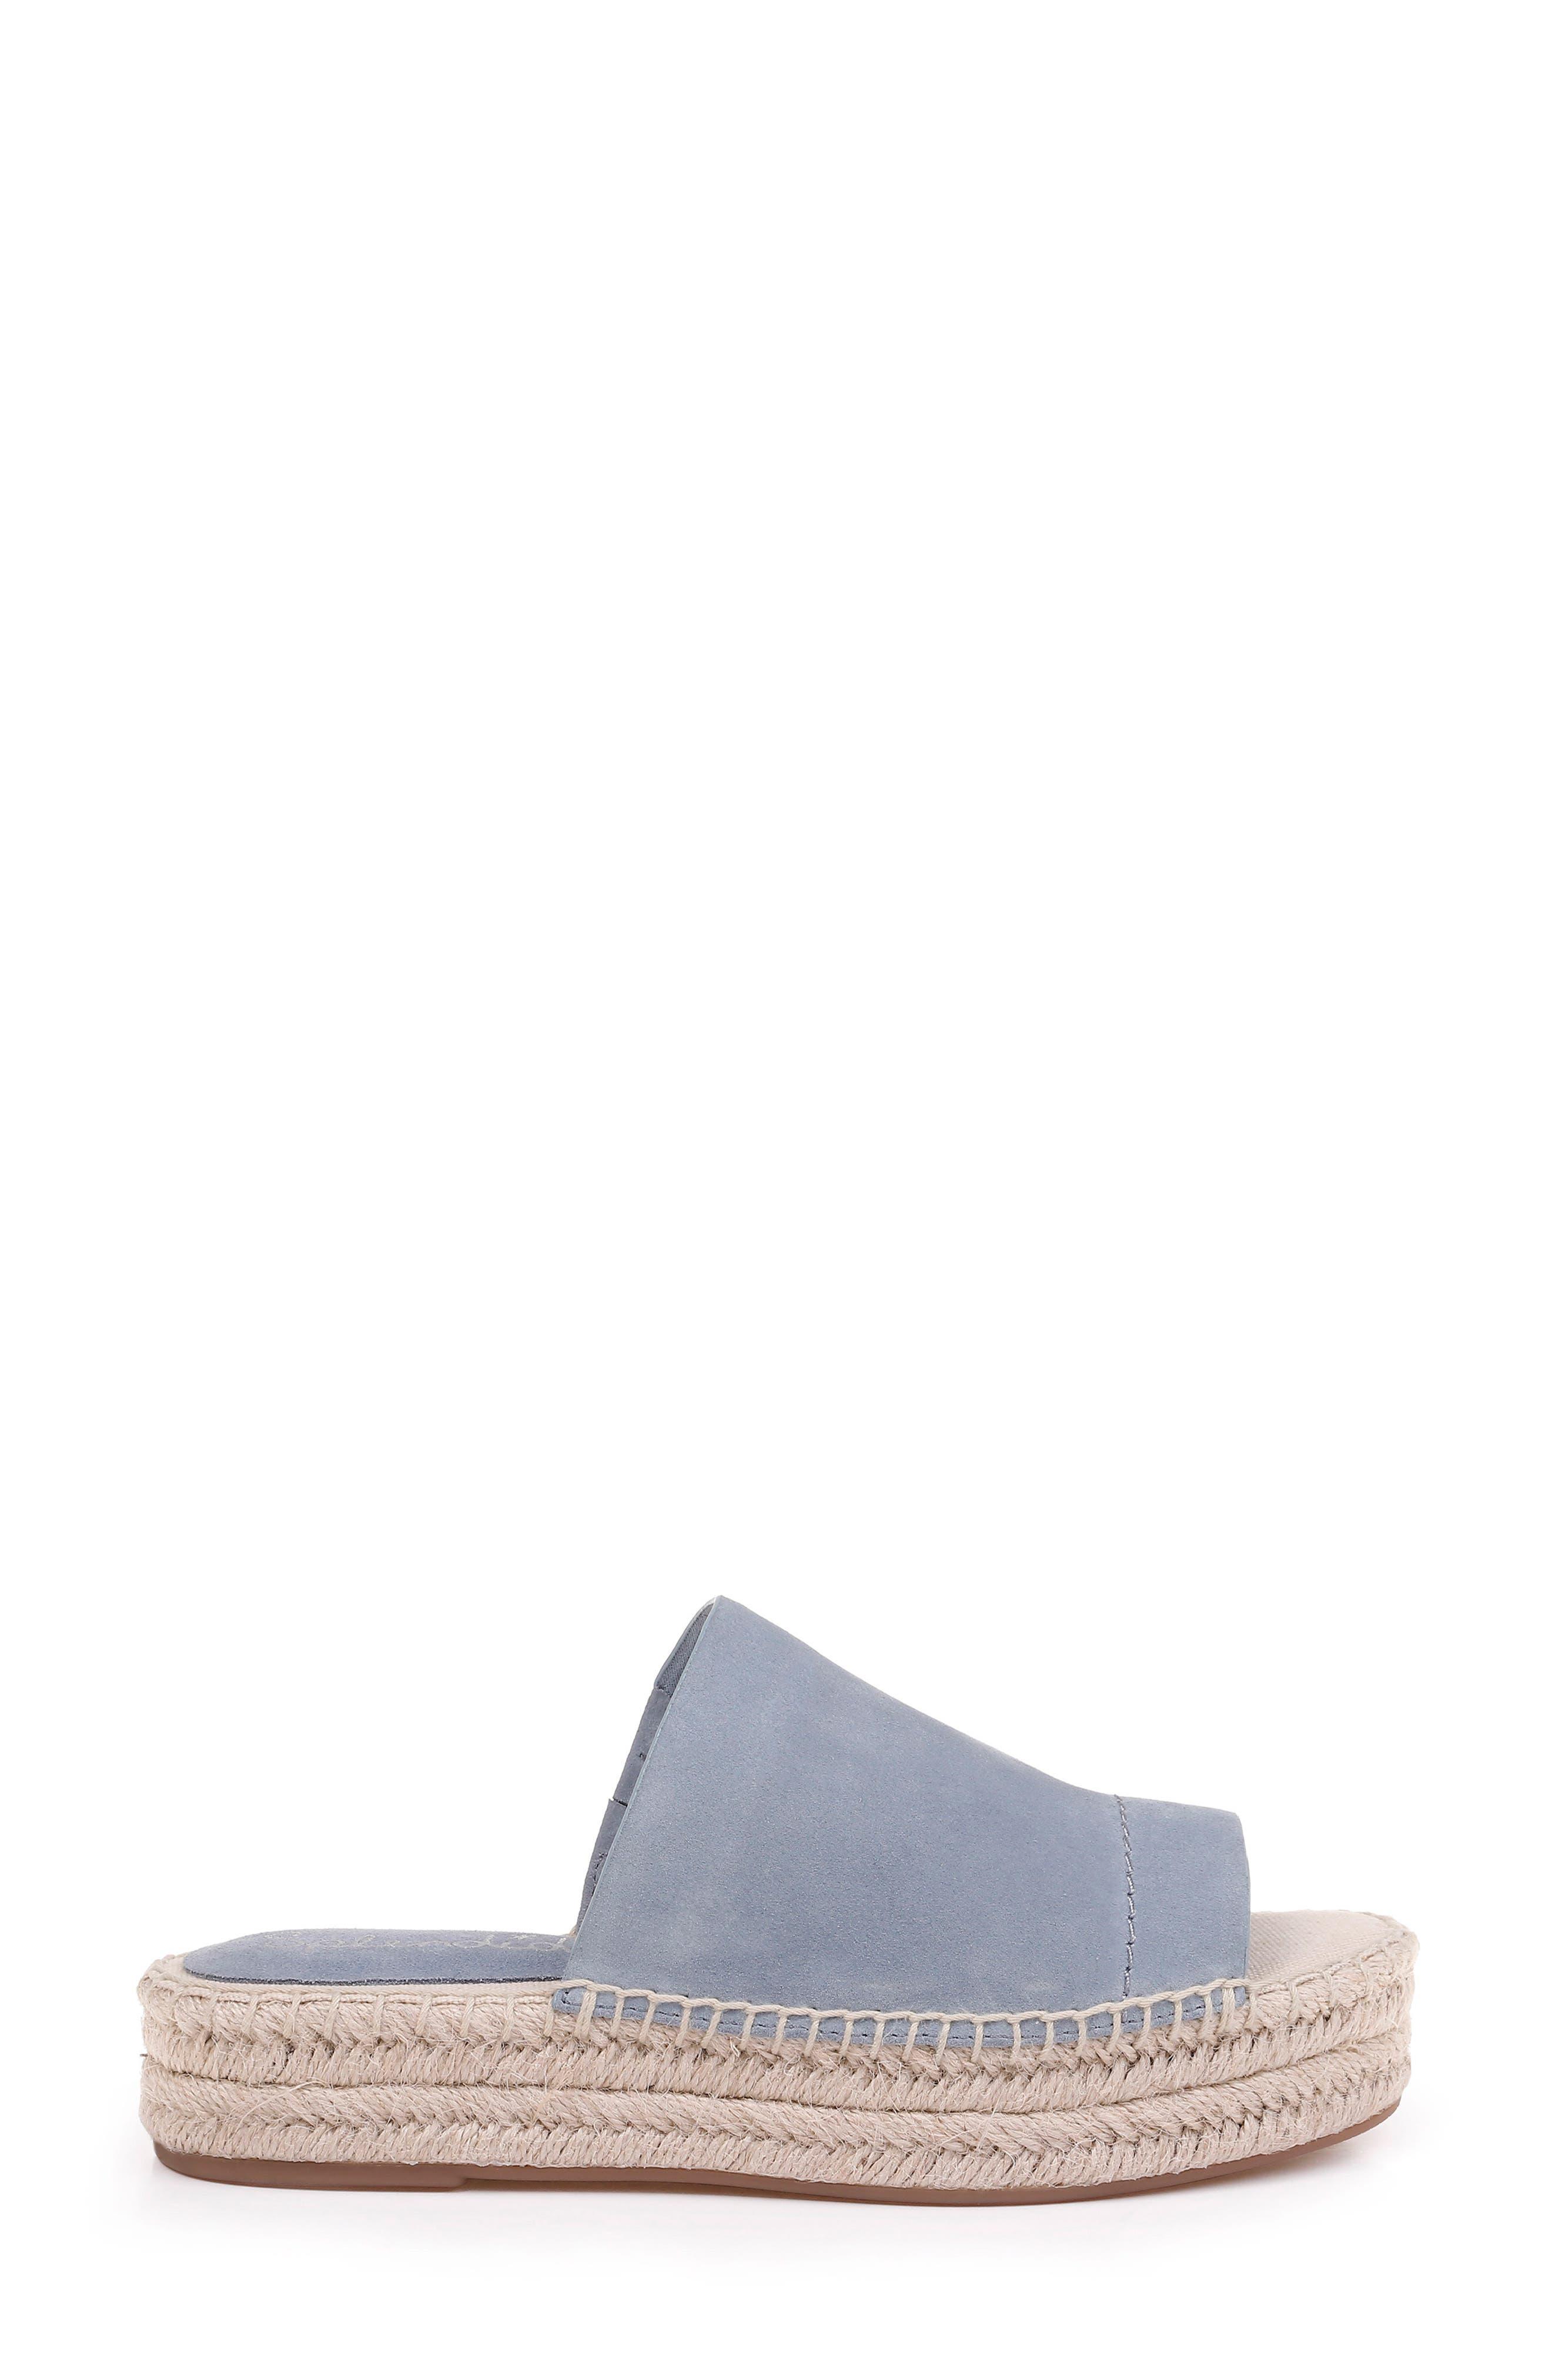 SPLENDID, Thaddeus Espadrille Slide Sandal, Alternate thumbnail 3, color, LIGHT BLUE SUEDE